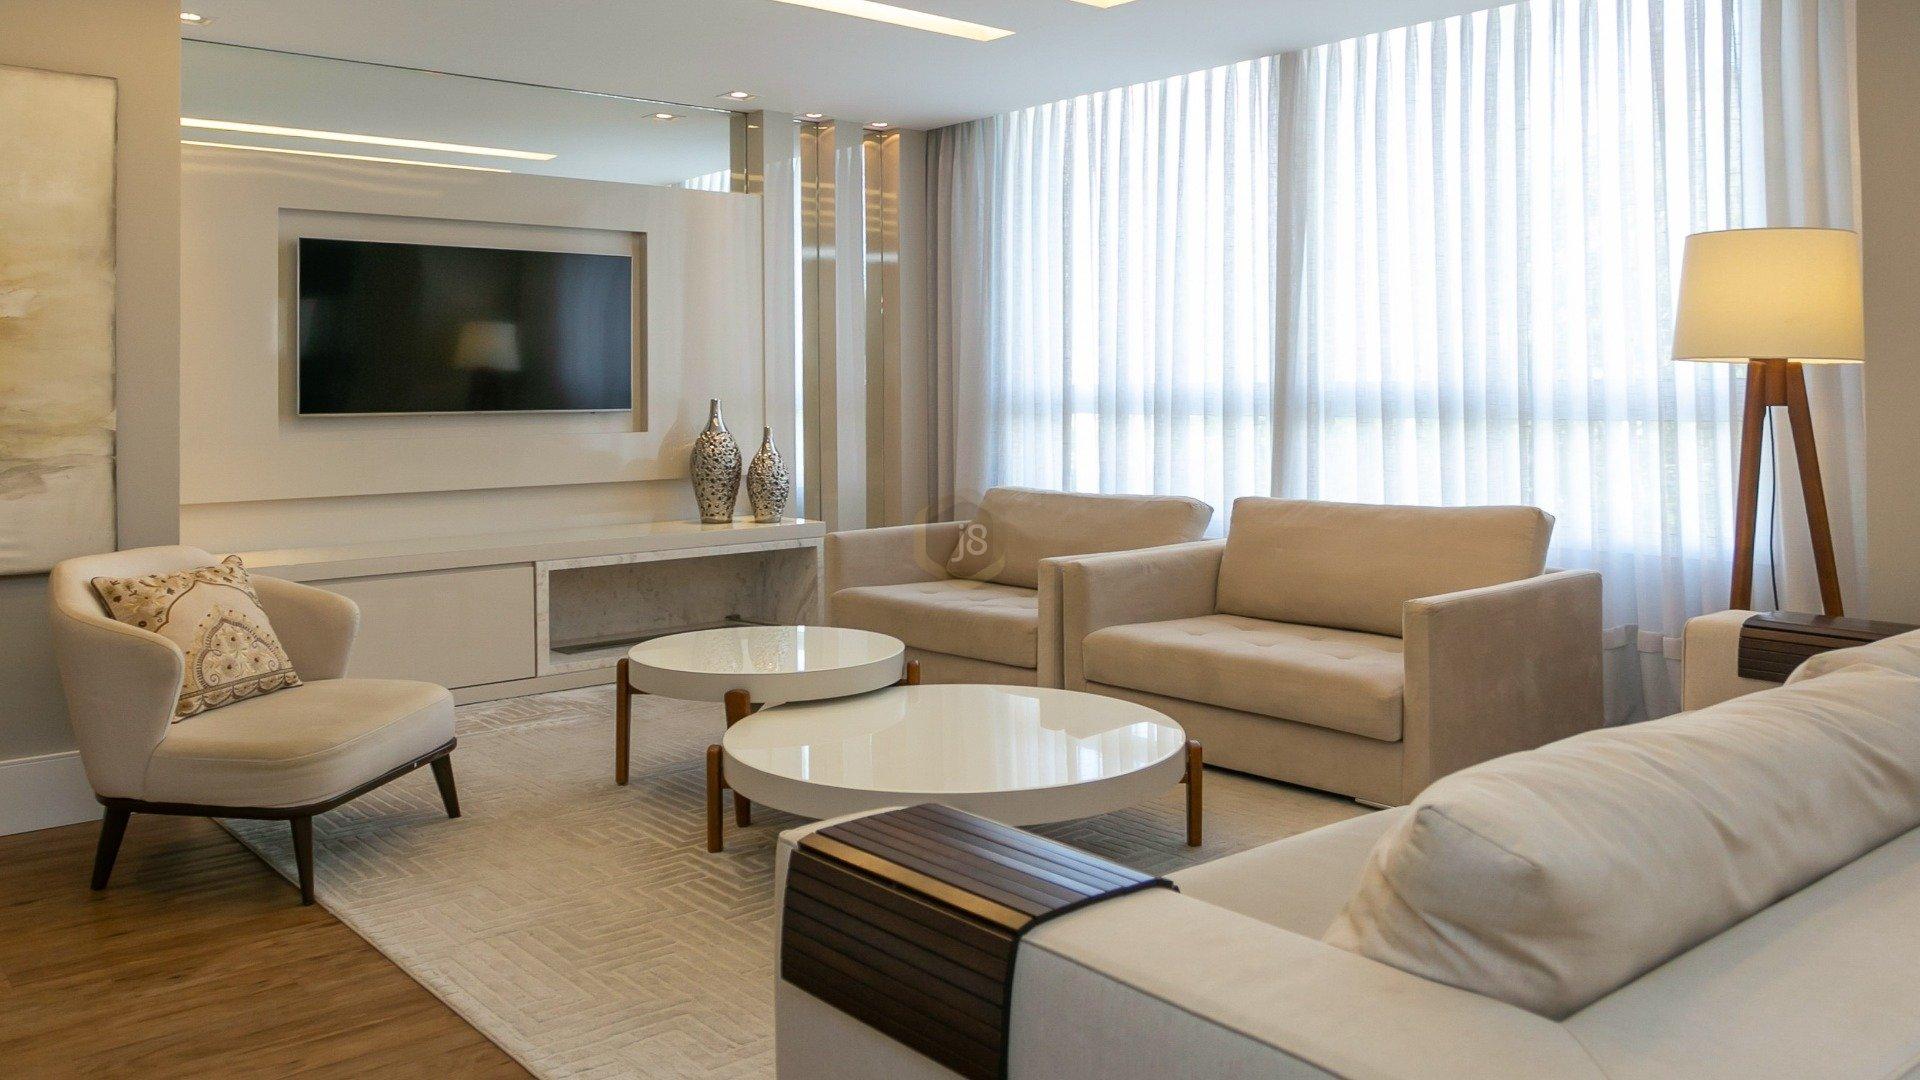 Foto de destaque Apartamento impecável e pronto para morar!